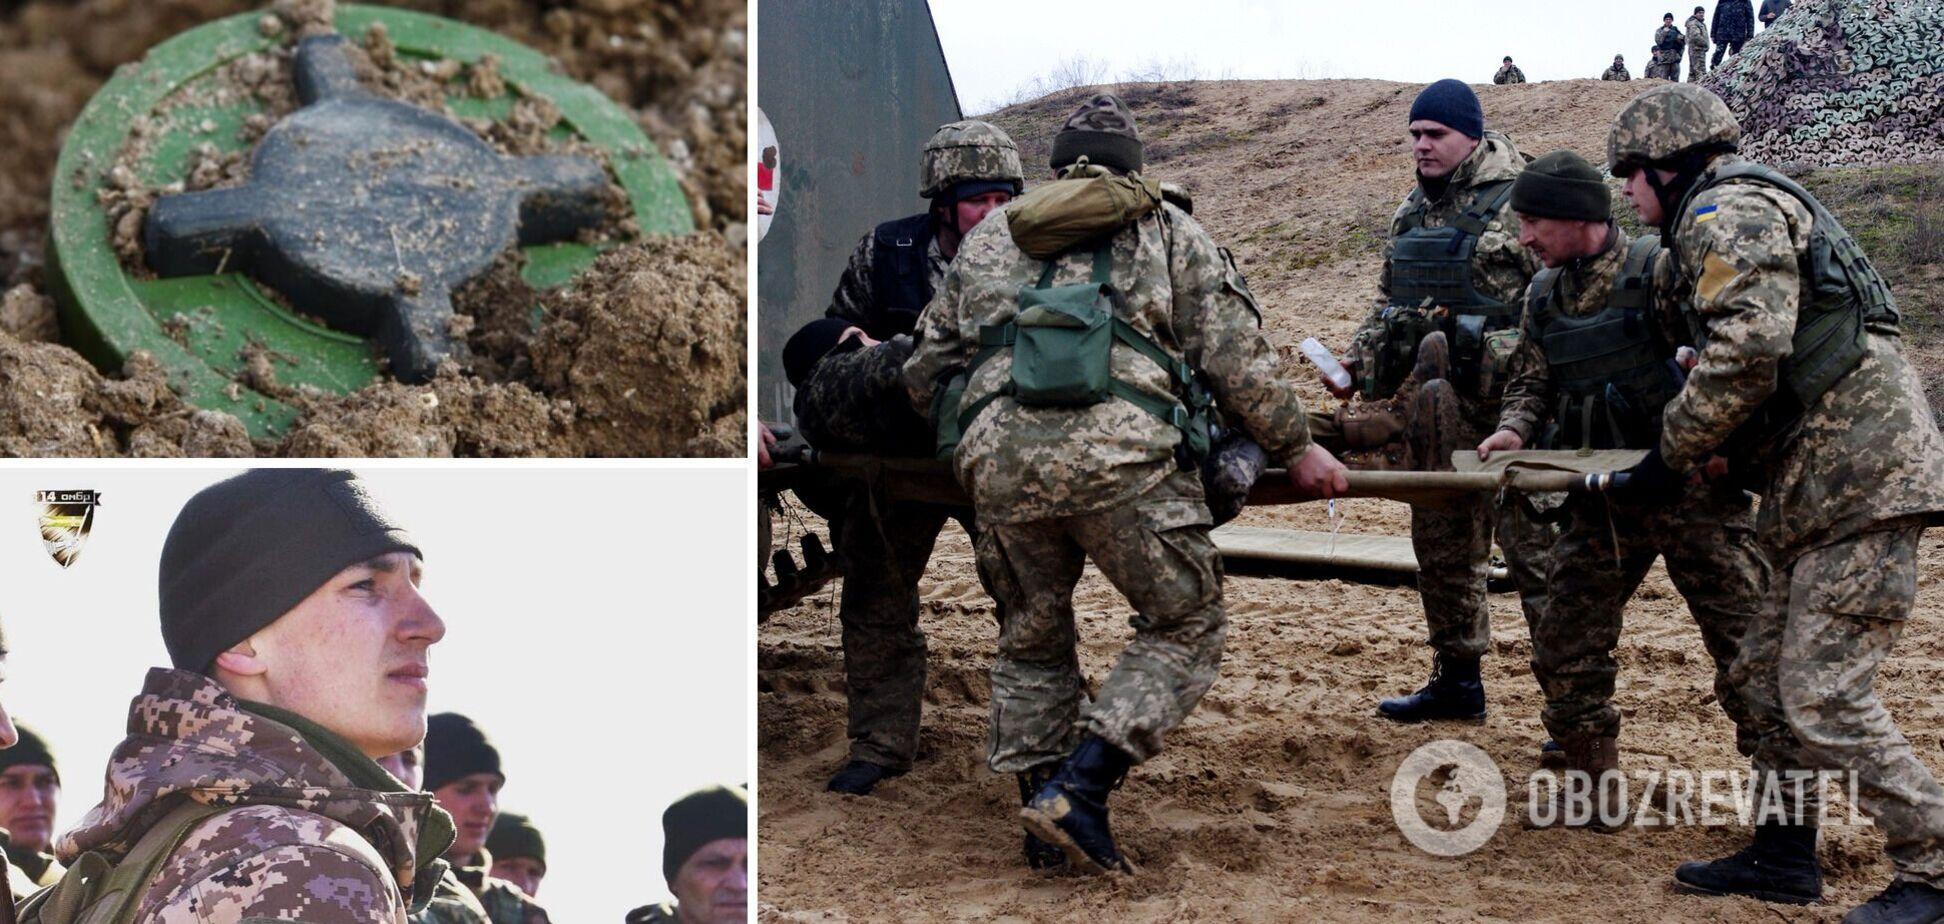 Остался без ноги, но вытащил раненого: в ВСУ рассказали, как боец подорвался на мине, спасая побратима